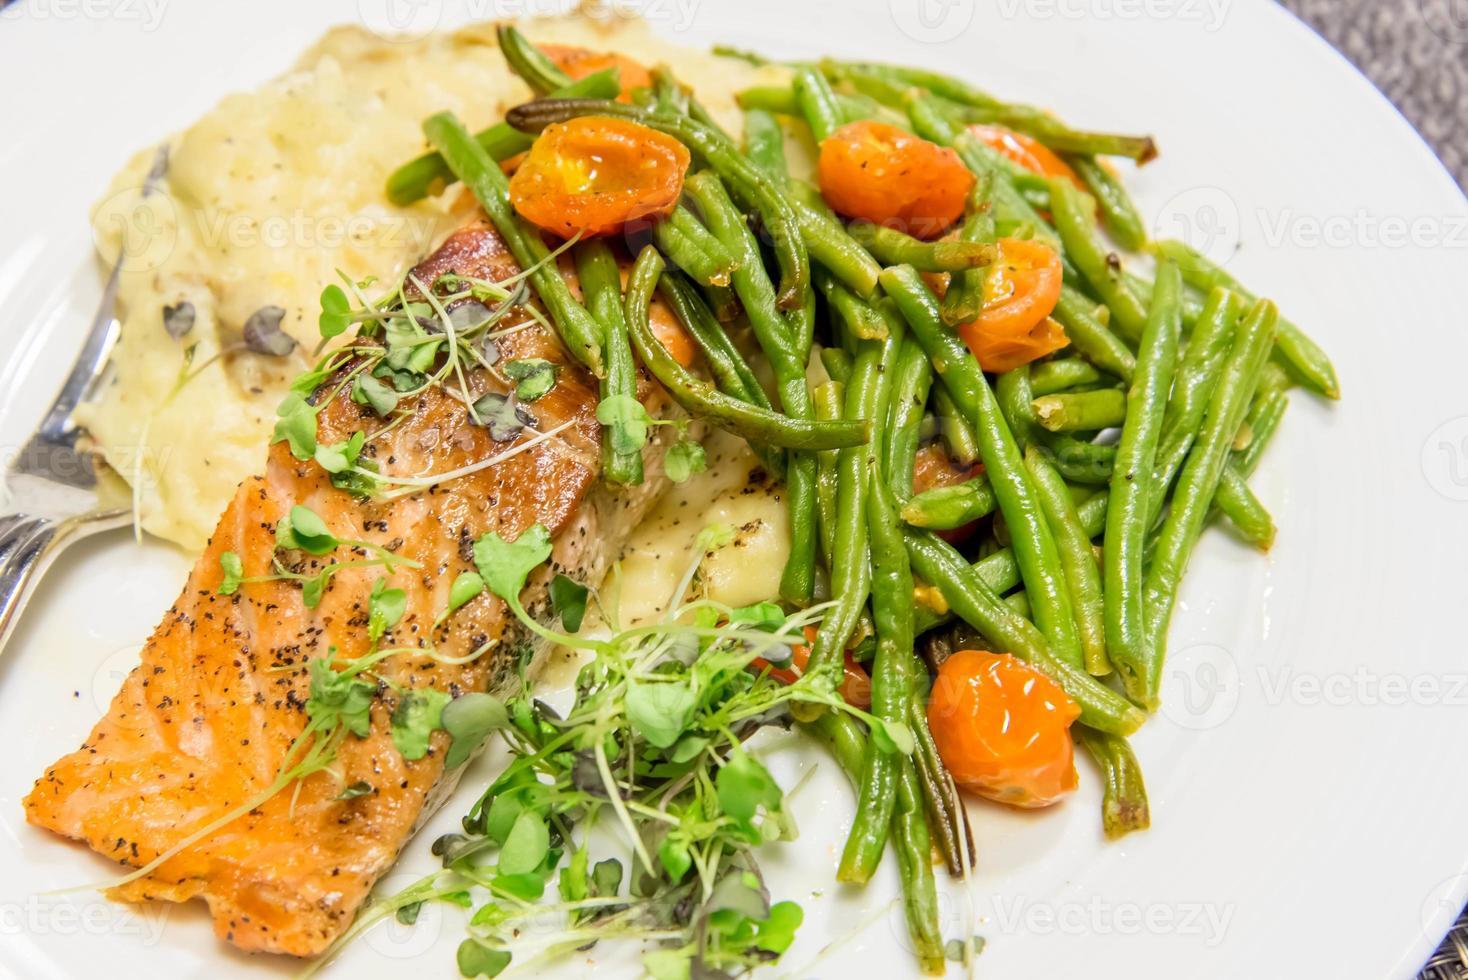 nahrhaftes Lachsessen mit grünen Bohnen und Tomaten foto